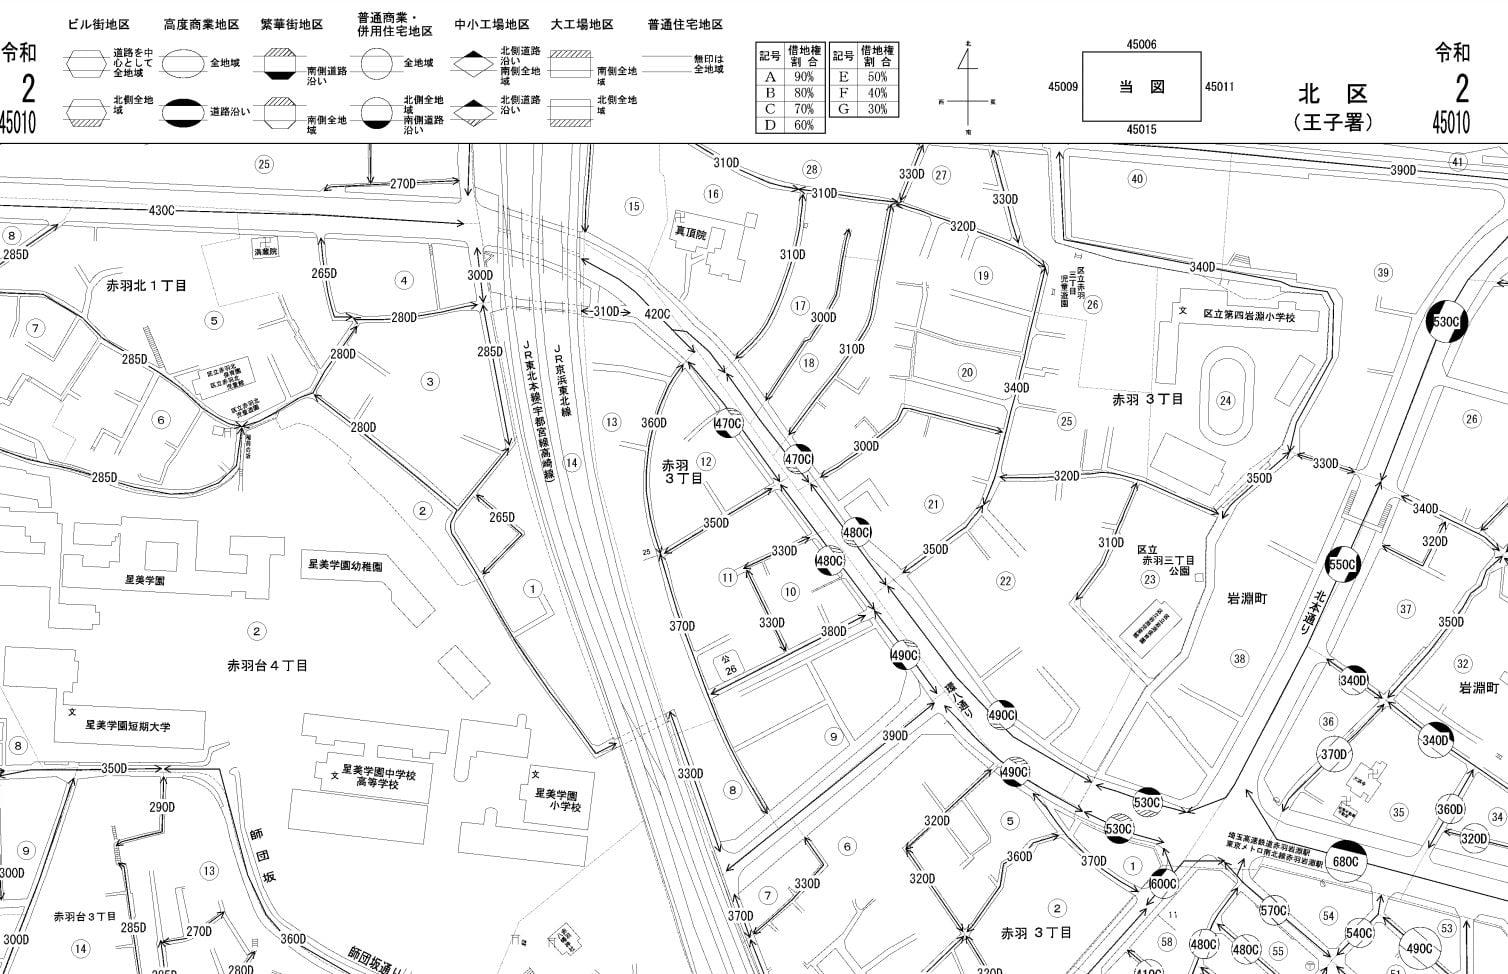 東京都北区の路線価図